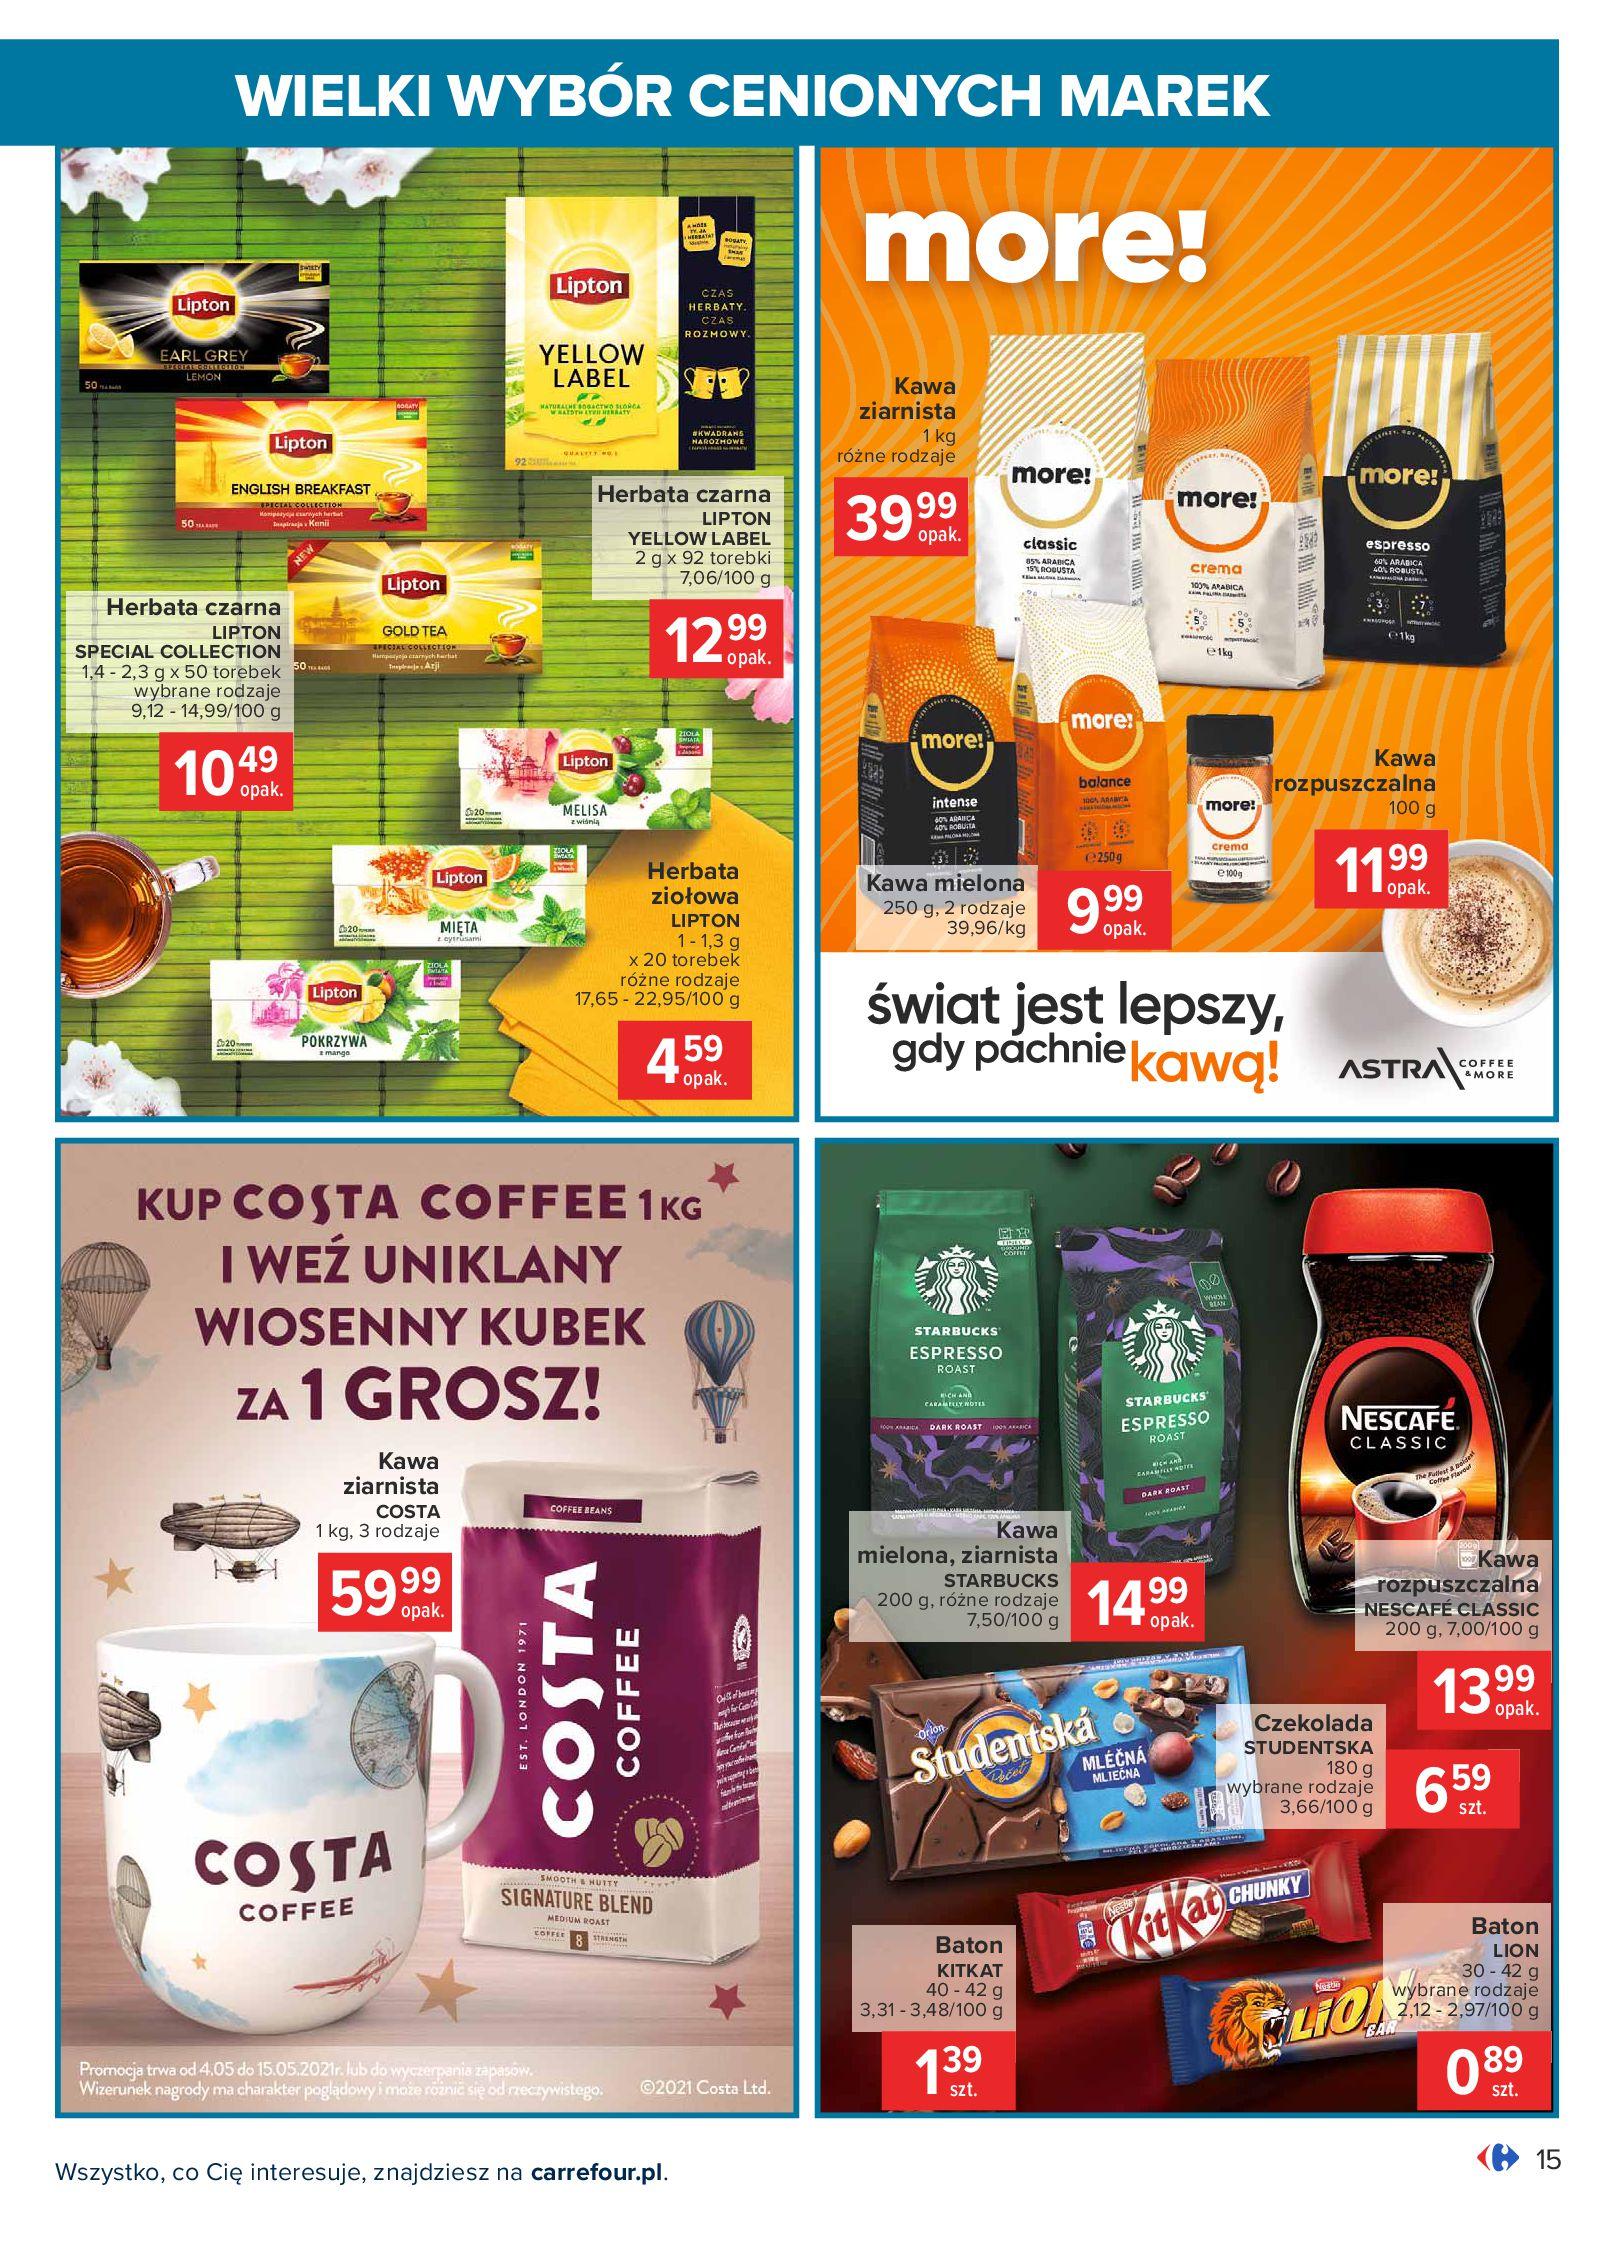 Gazetka Carrefour: Wielki wybór cenionych marek 2021-05-04 page-15